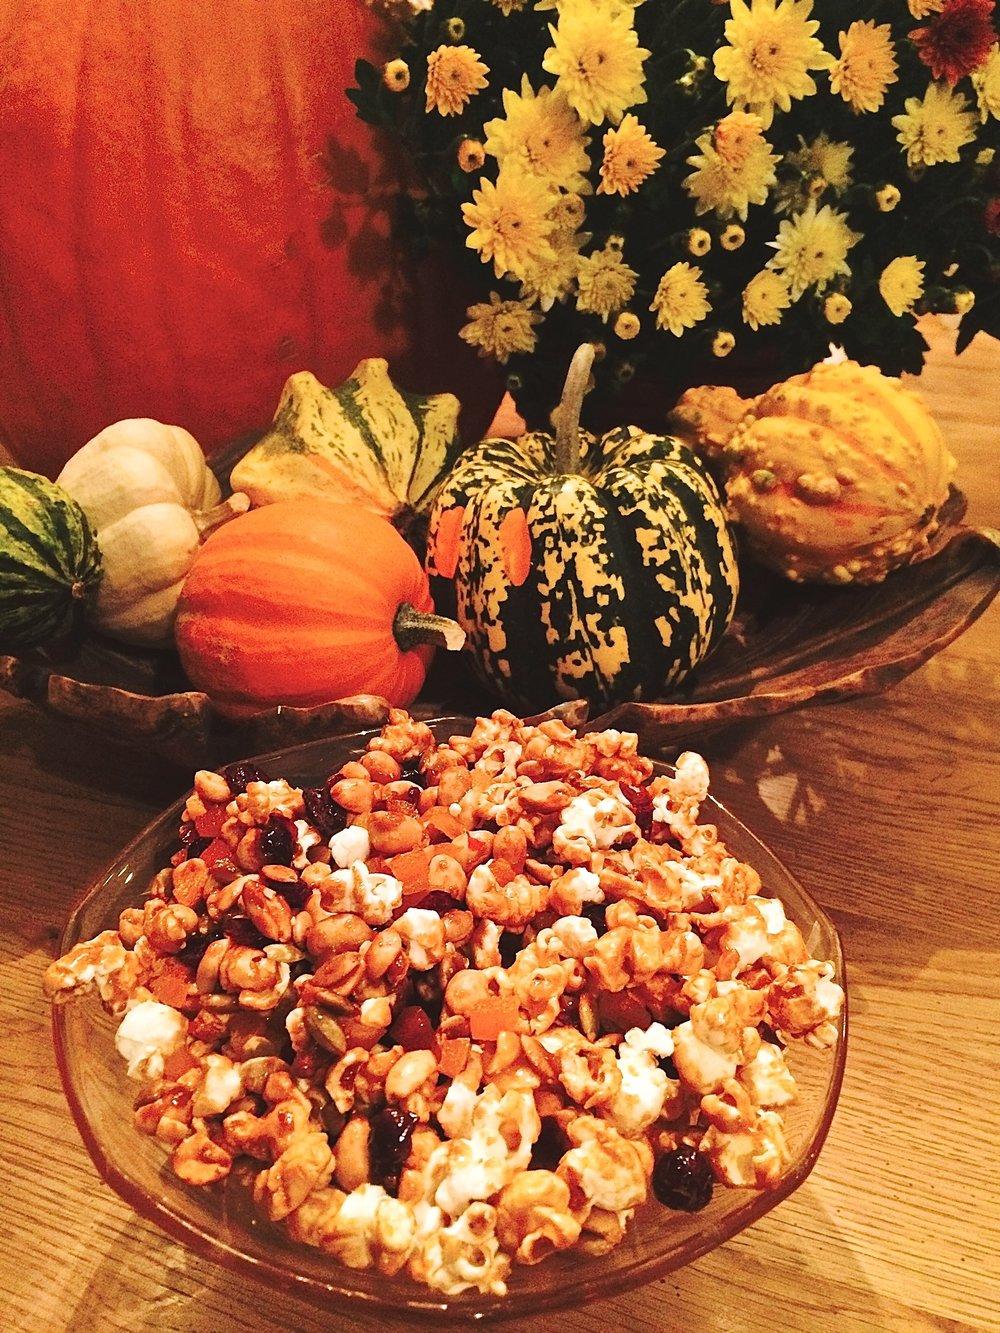 Popcorn Crunch & Munch